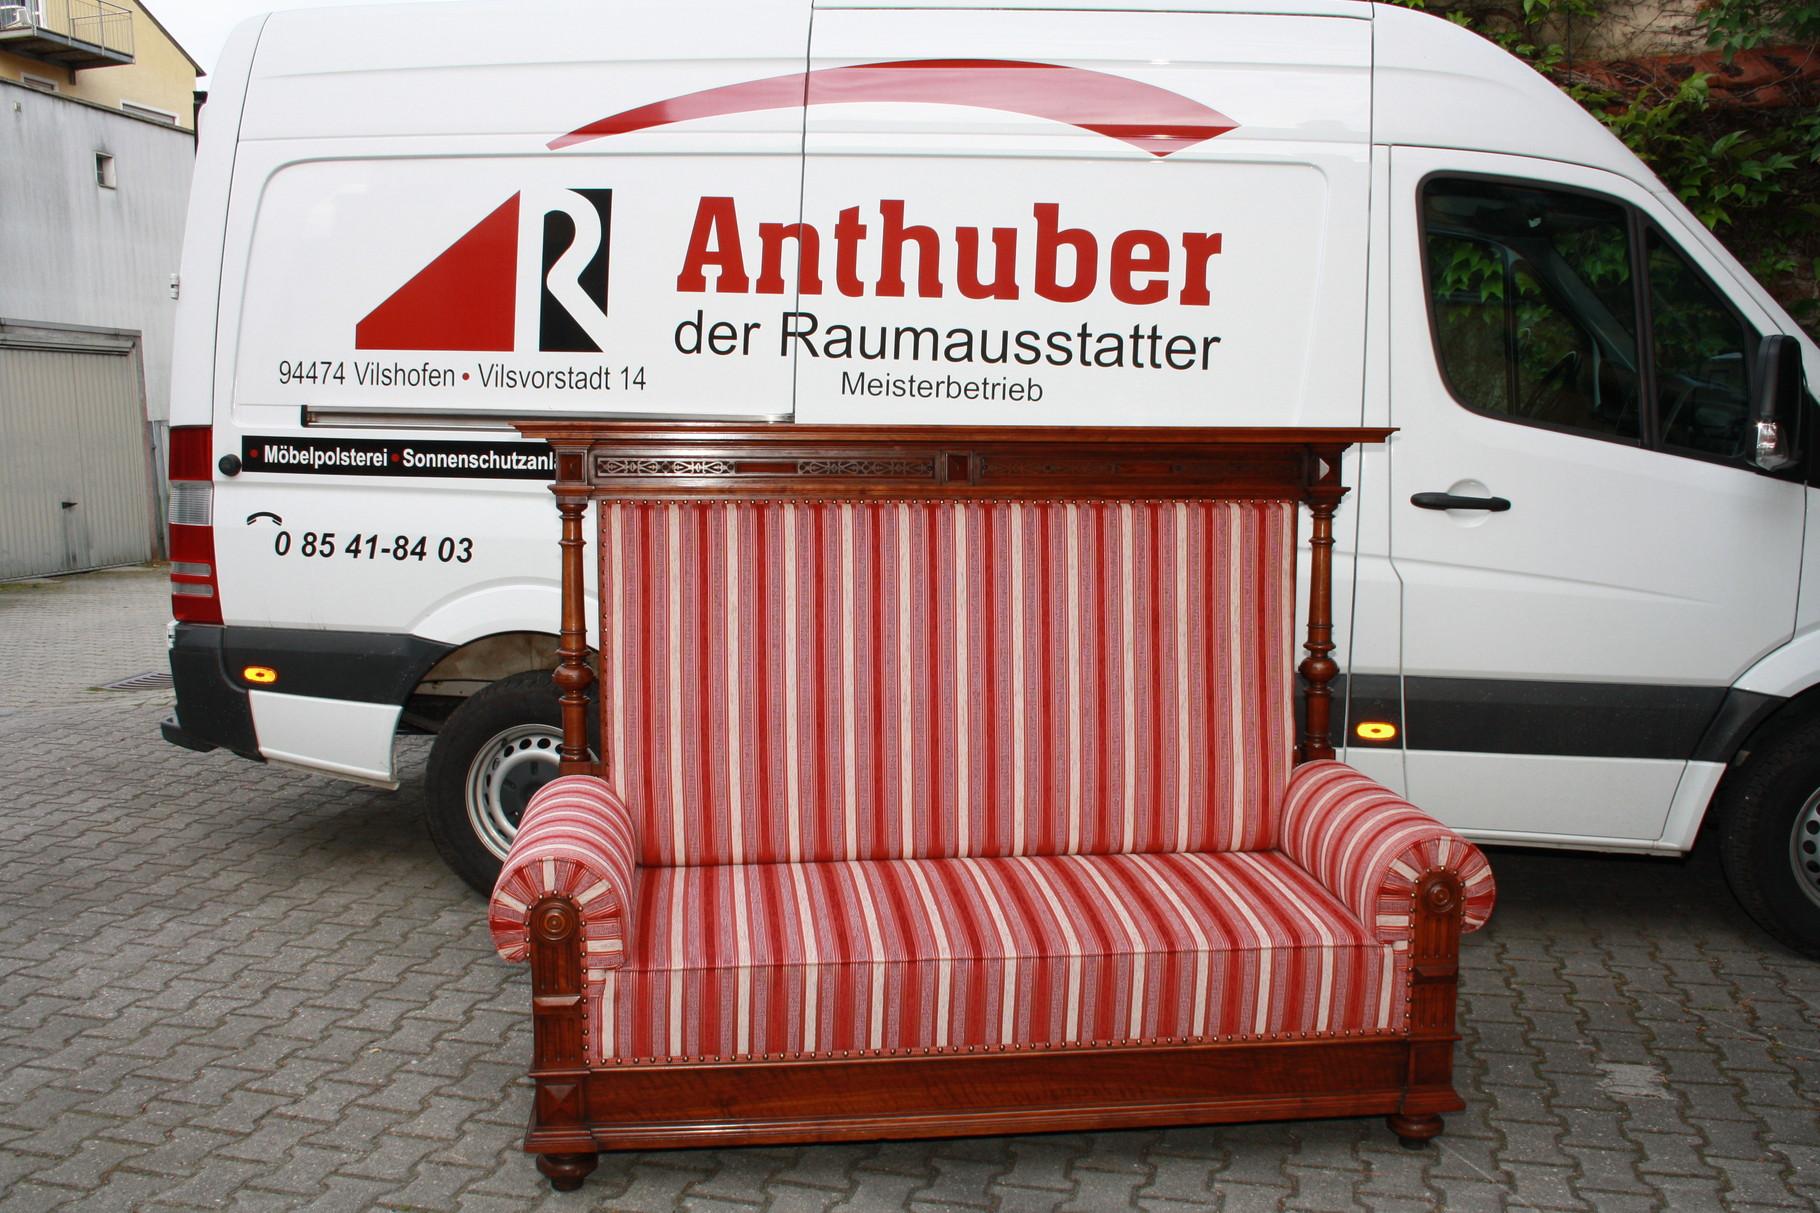 Raumausstatter  Polstern & Bodenlegen - Anthuber Polsterei - Raumausstattung